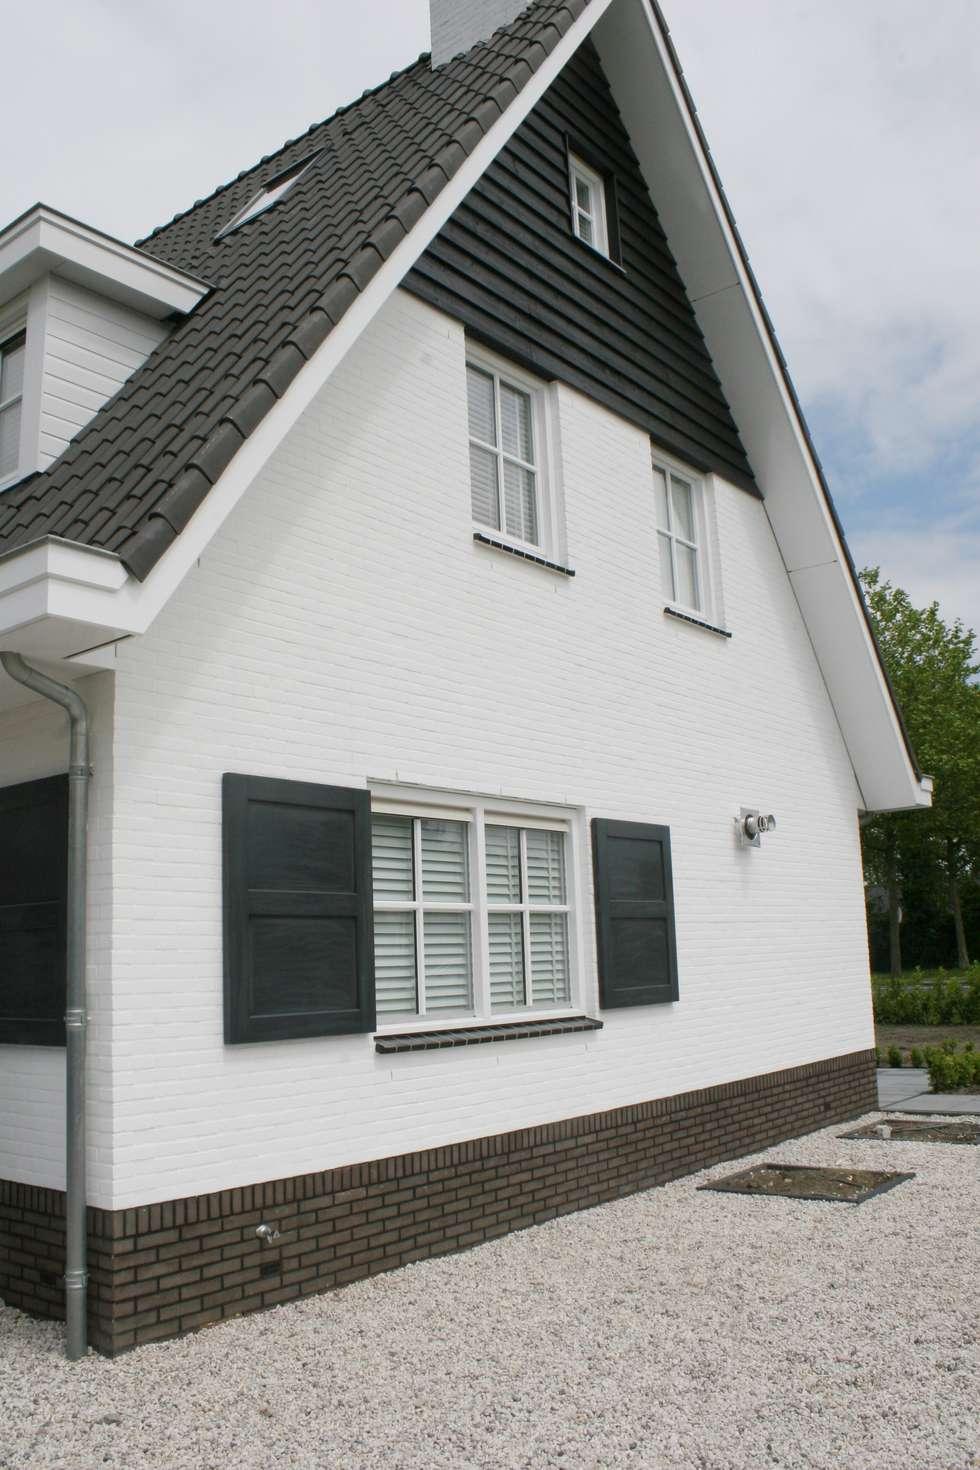 Landelijke woning met wit en zwart landelijke huizen door for Landelijke woning te koop